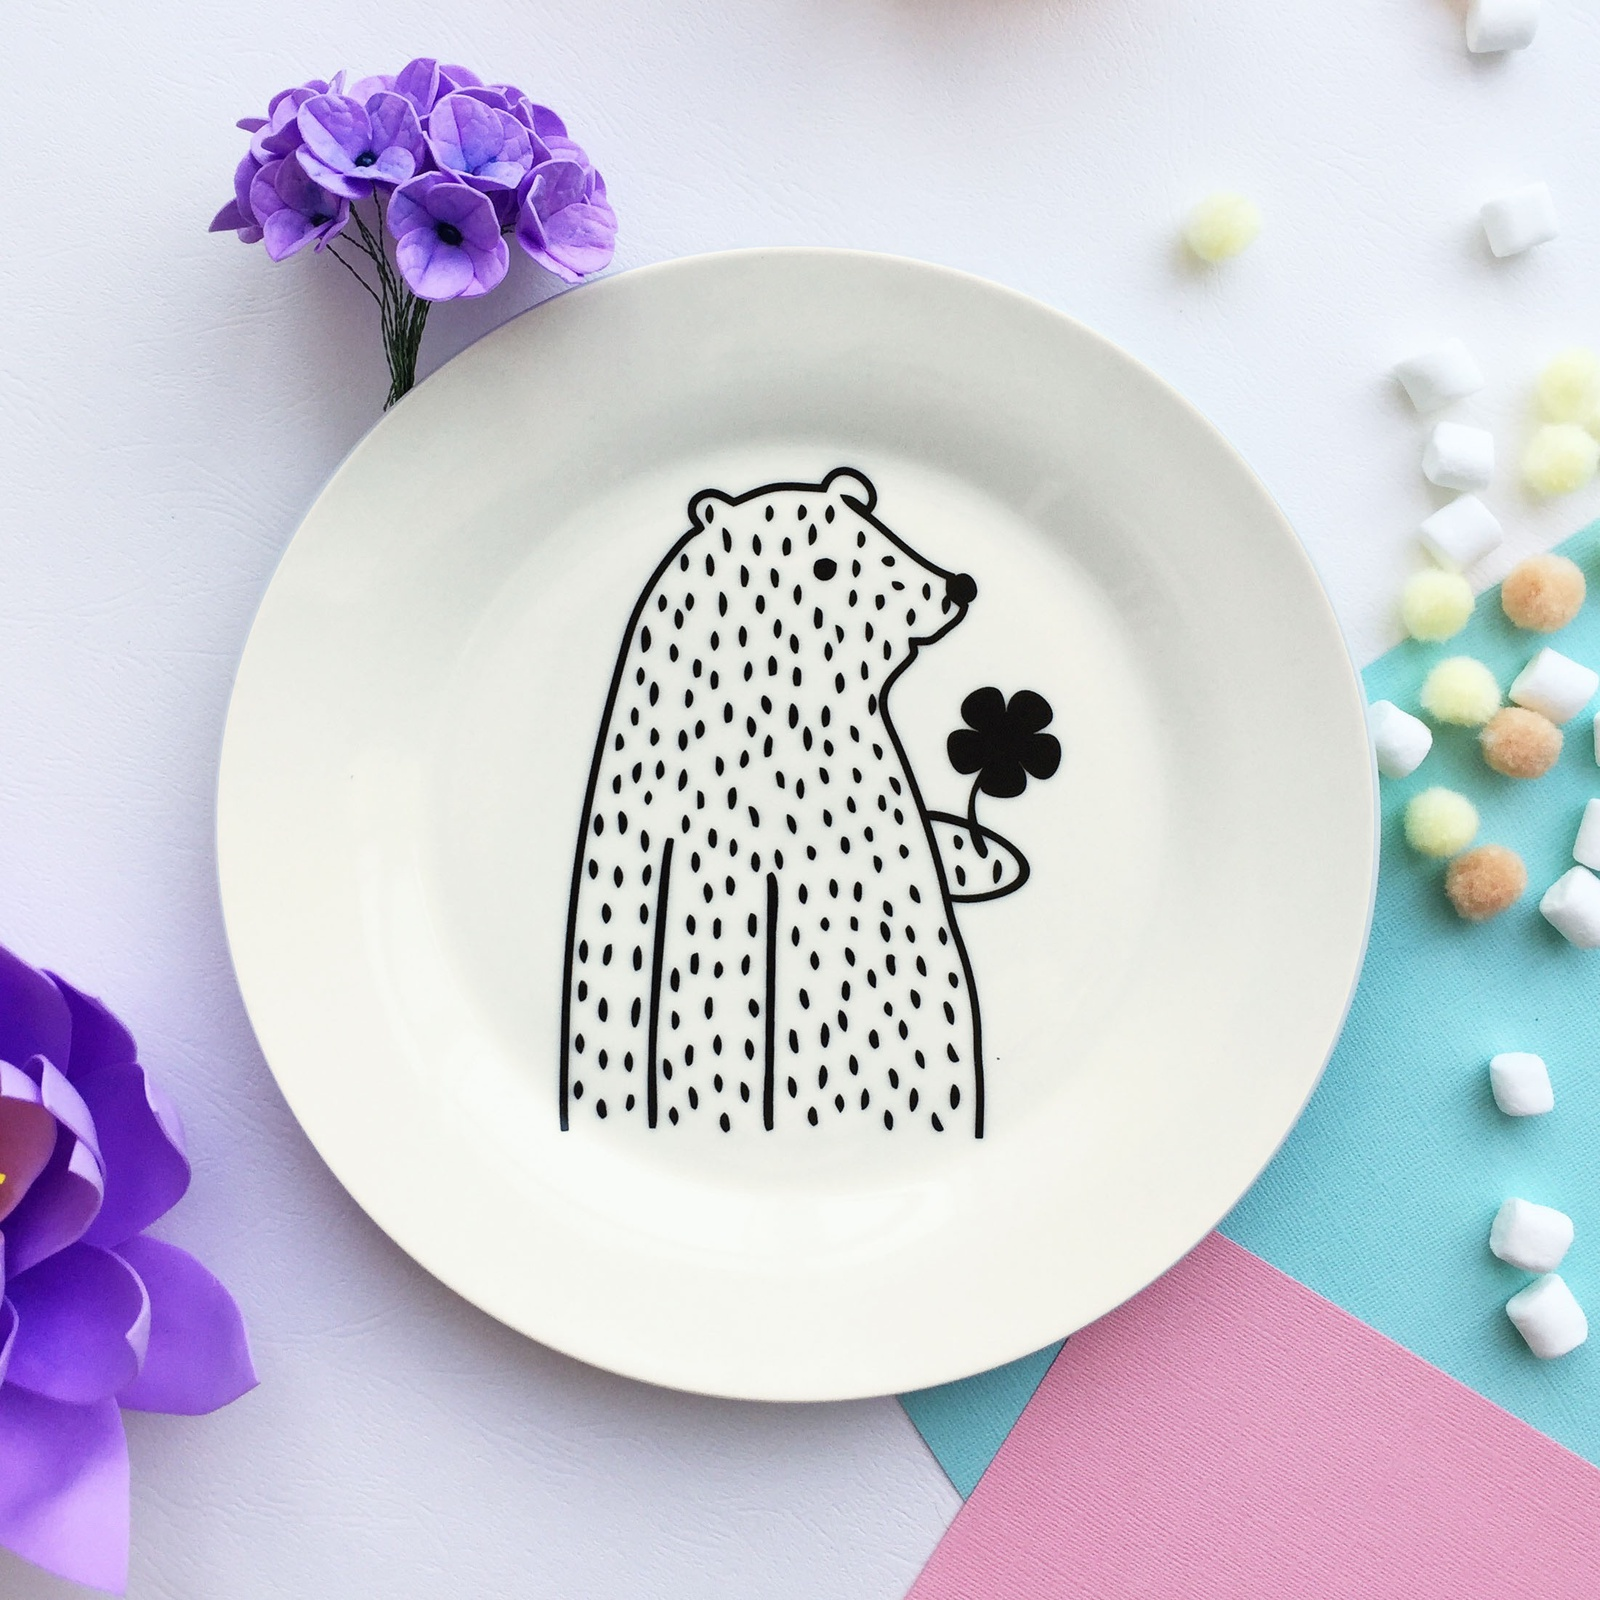 Тарелка Сотвори Чудо Цветочный мишка 20 см, белый тарелка мелкая сотвори чудо цветочный мишка диаметр 20 см